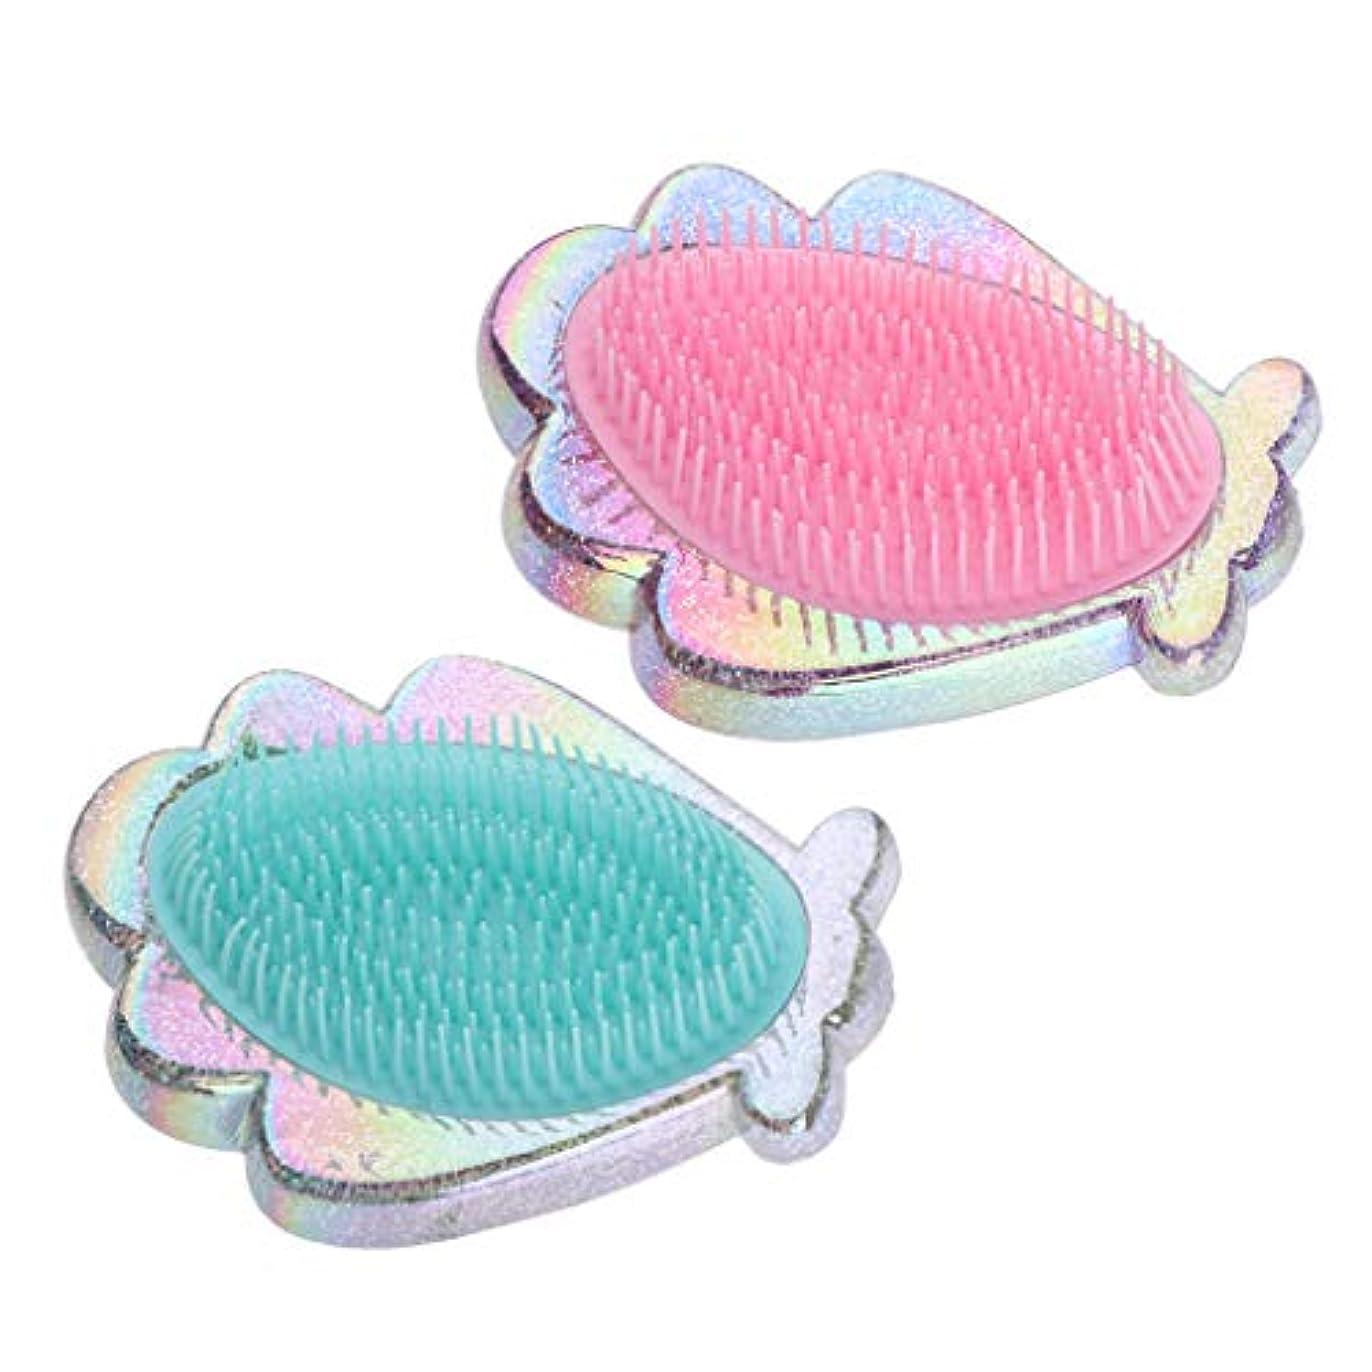 三番選出するスクレーパーコーム ヘアコーム ヘアブラシ 静電気防止 プラスチック製 女性用 2個パック